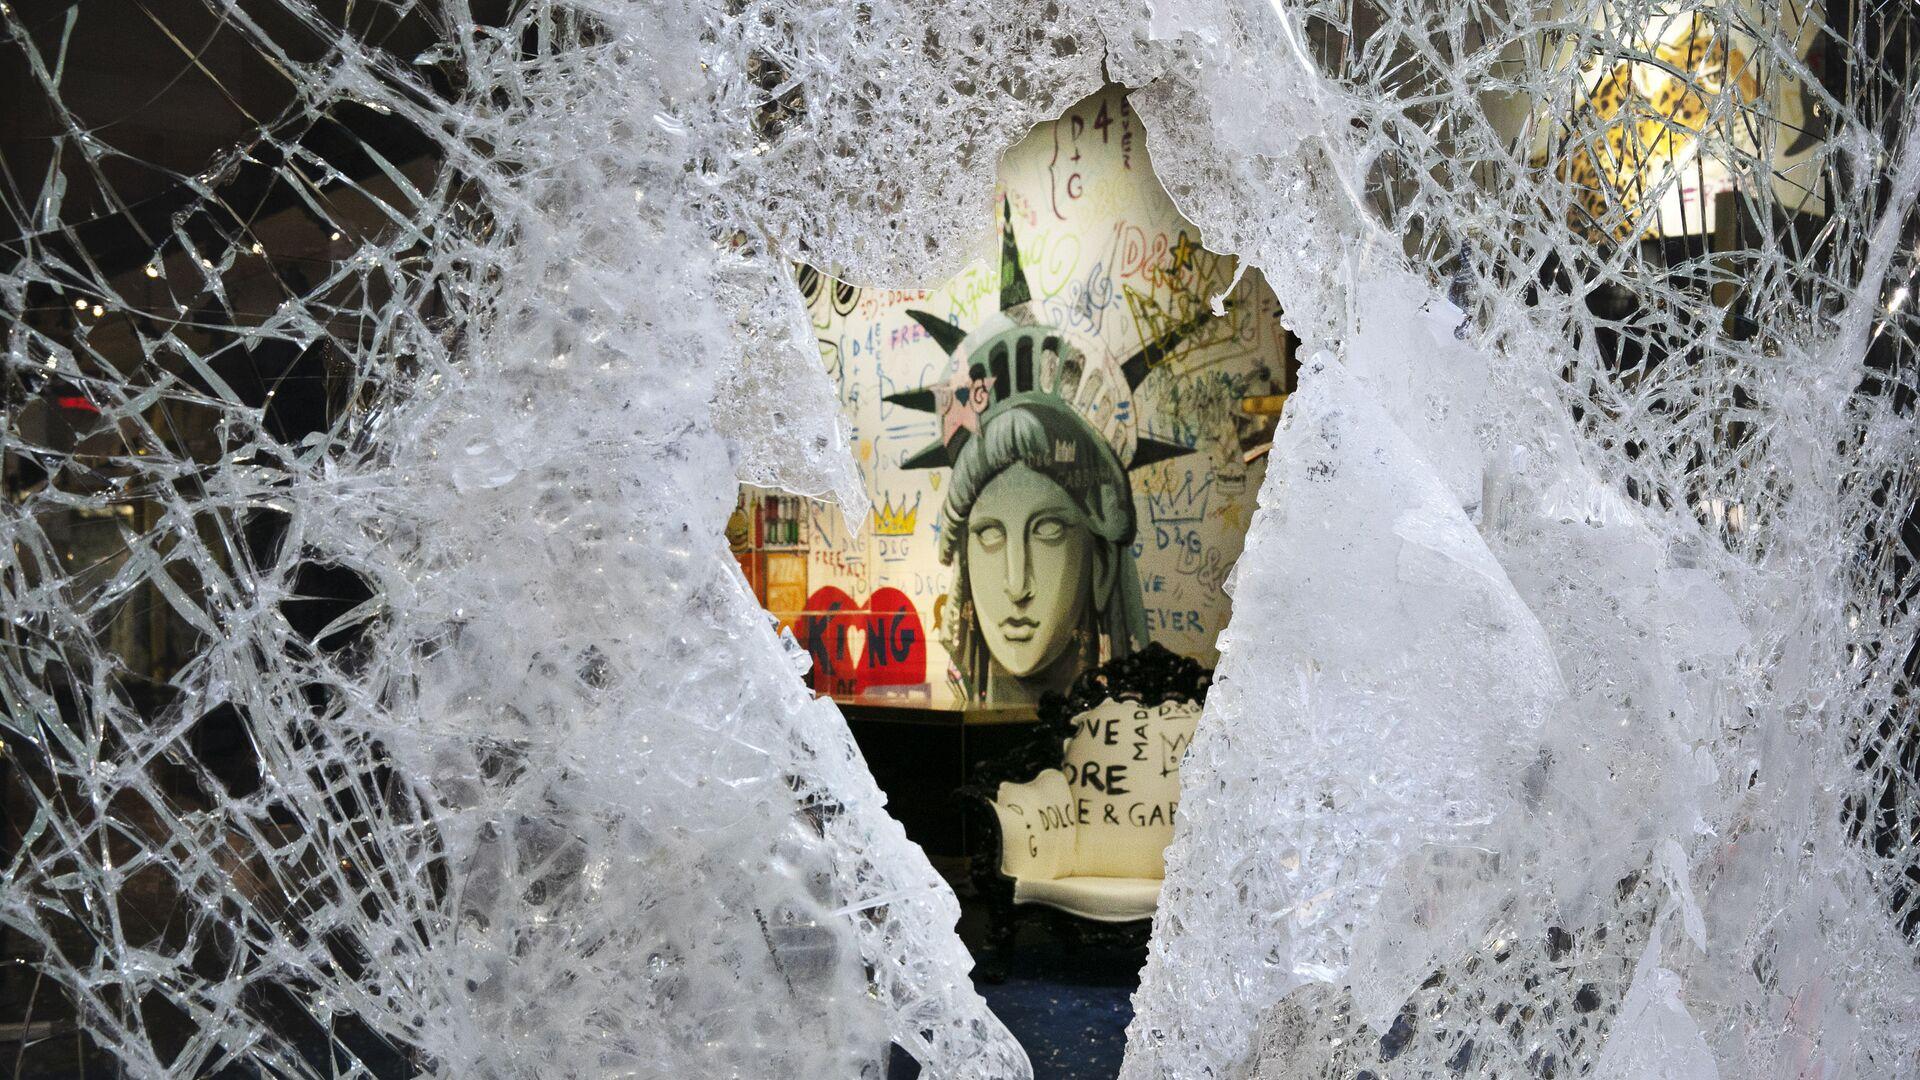 Rozbitá výloha obchodu značky Dolce & Gabbana v New Yorku - Sputnik Česká republika, 1920, 23.04.2021